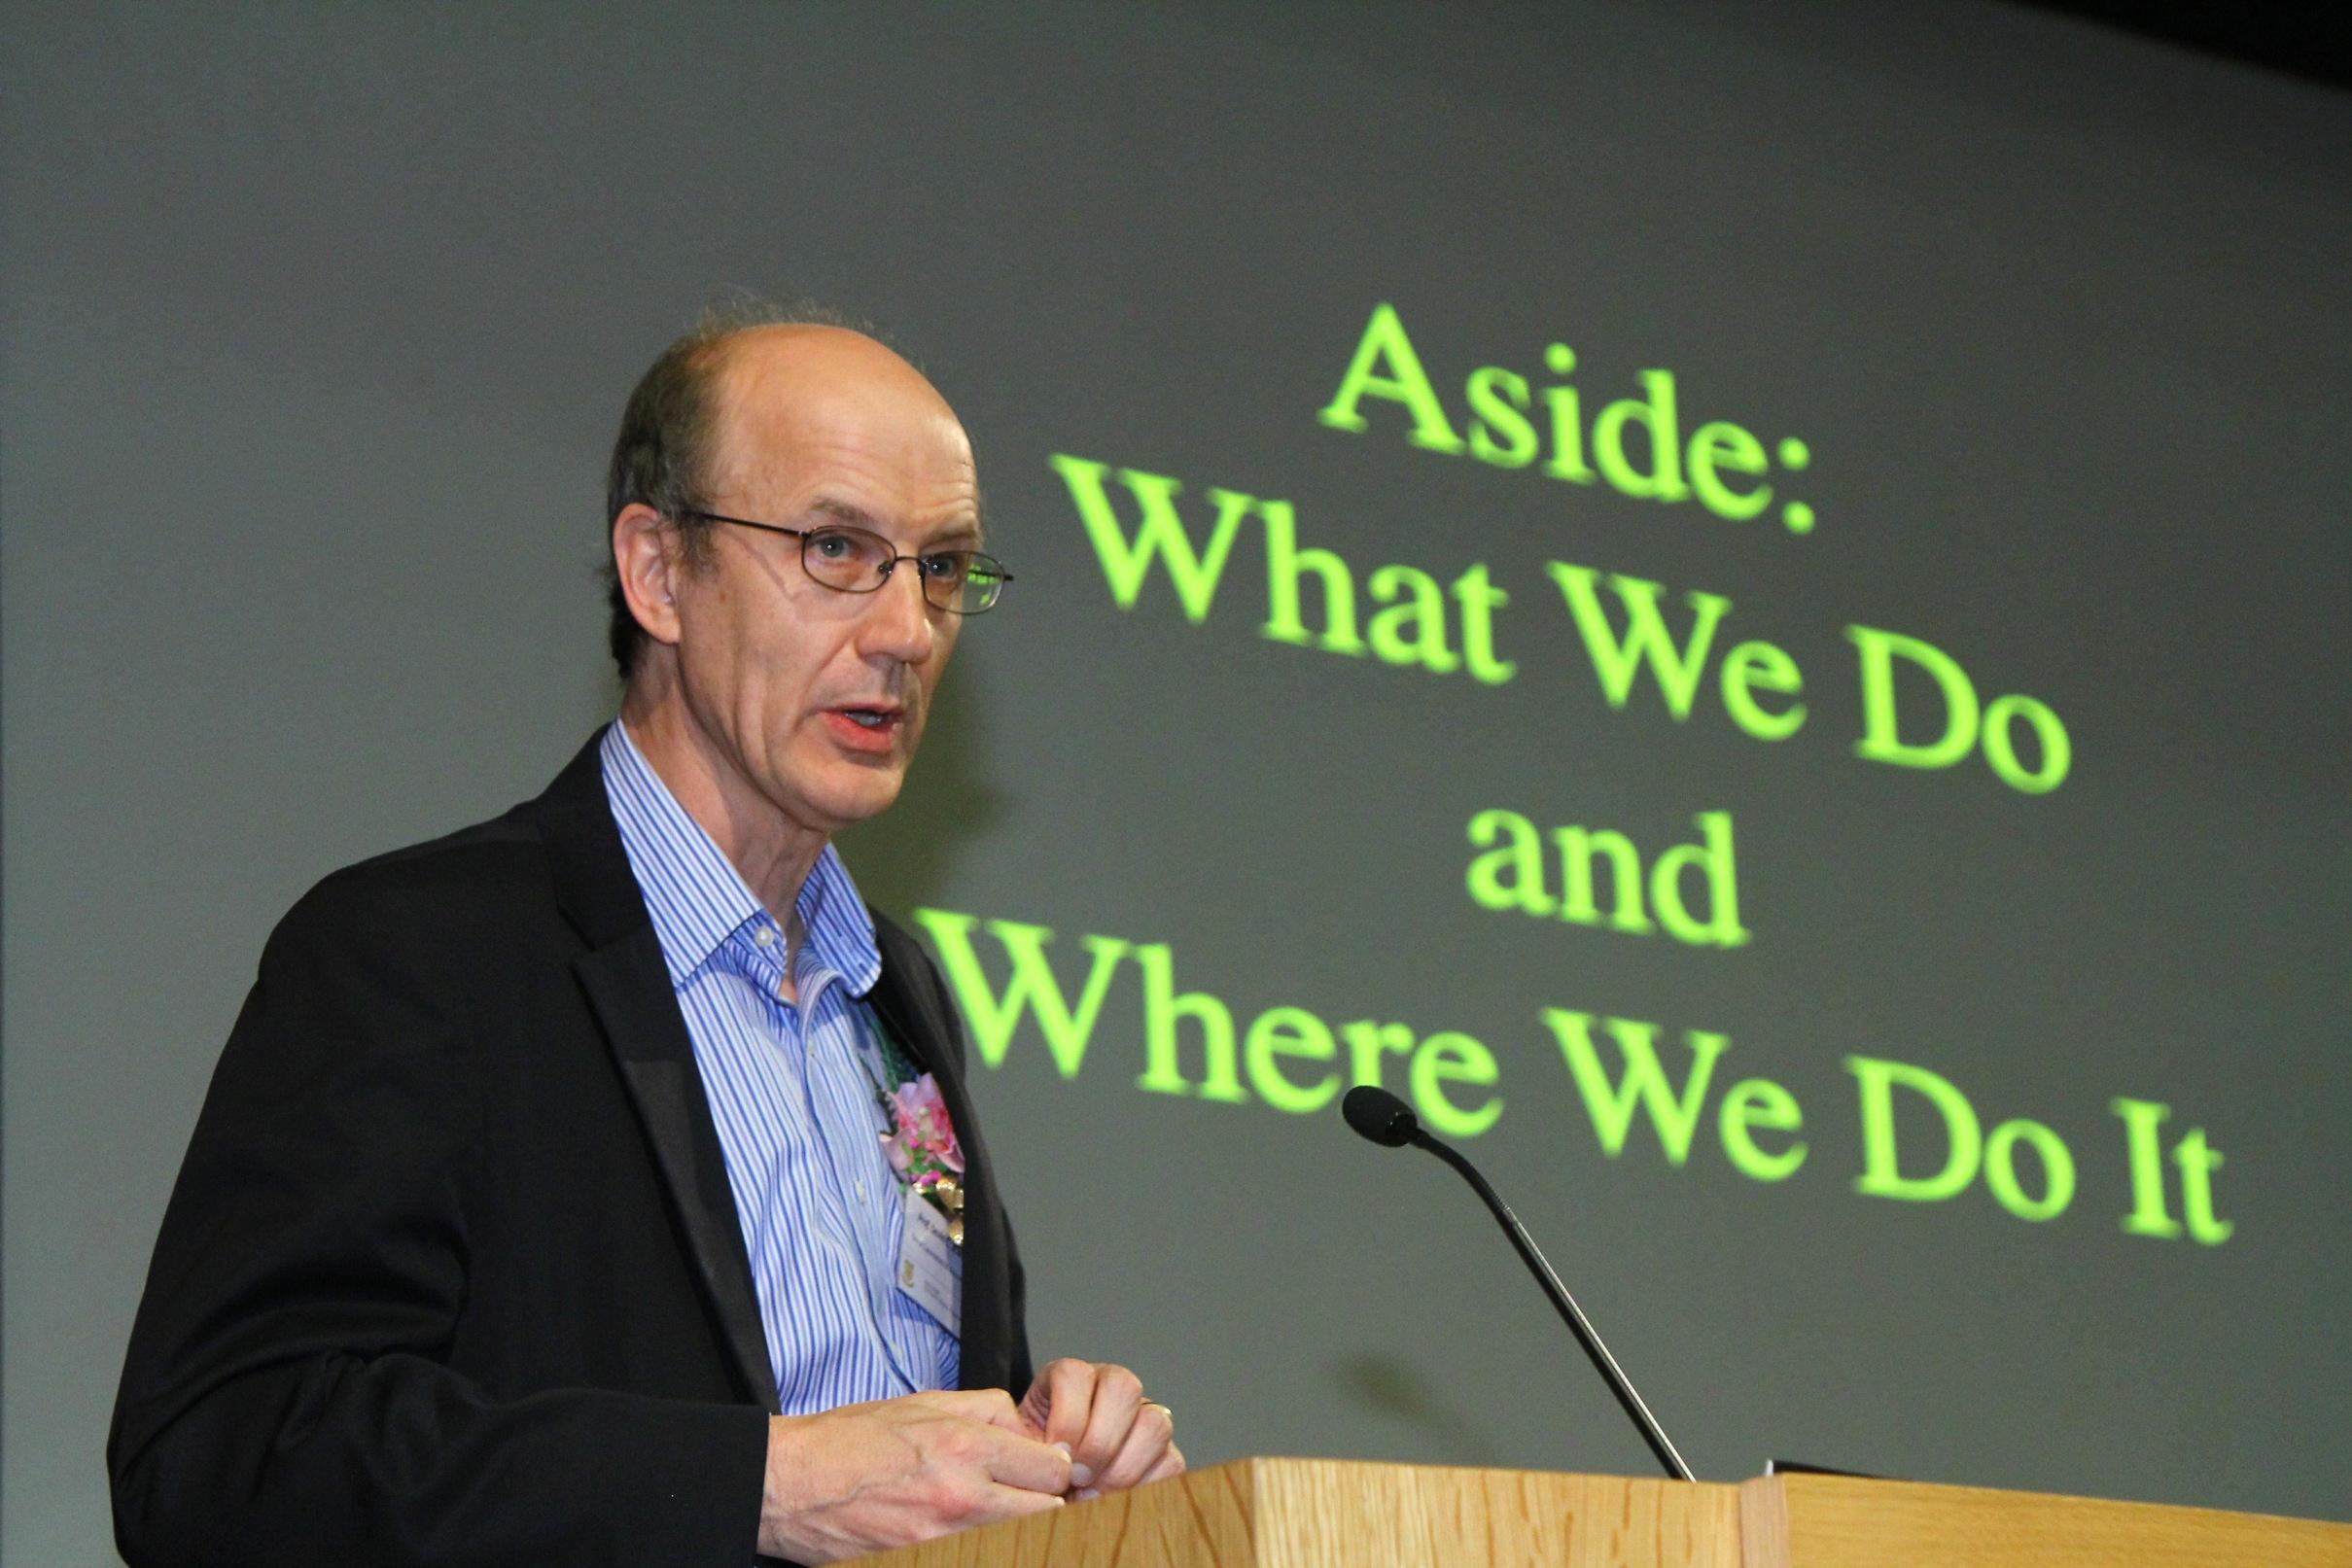 大卫‧朱维特教授以「凯伯带:我们已知与未知的事情」为题发表演讲。